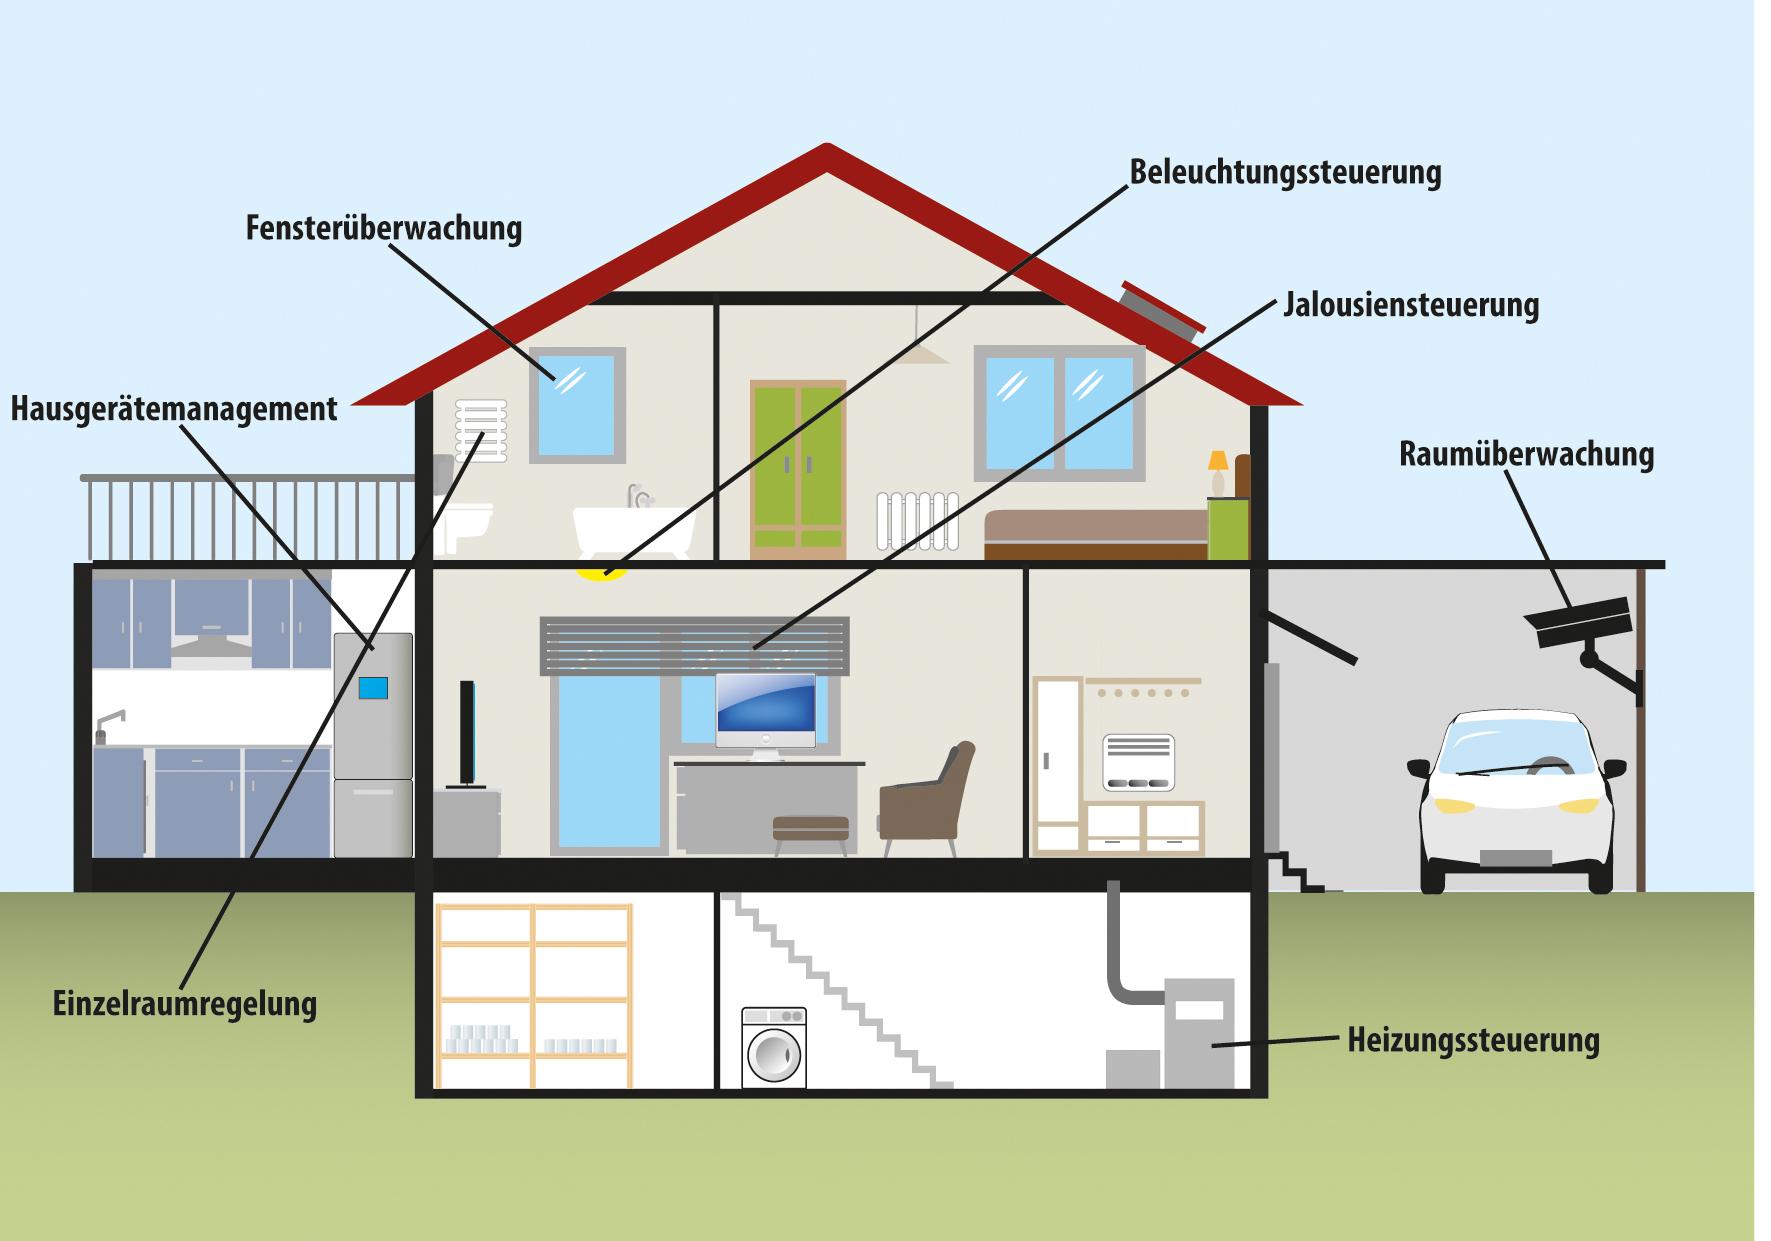 eib knx der elektroblog. Black Bedroom Furniture Sets. Home Design Ideas